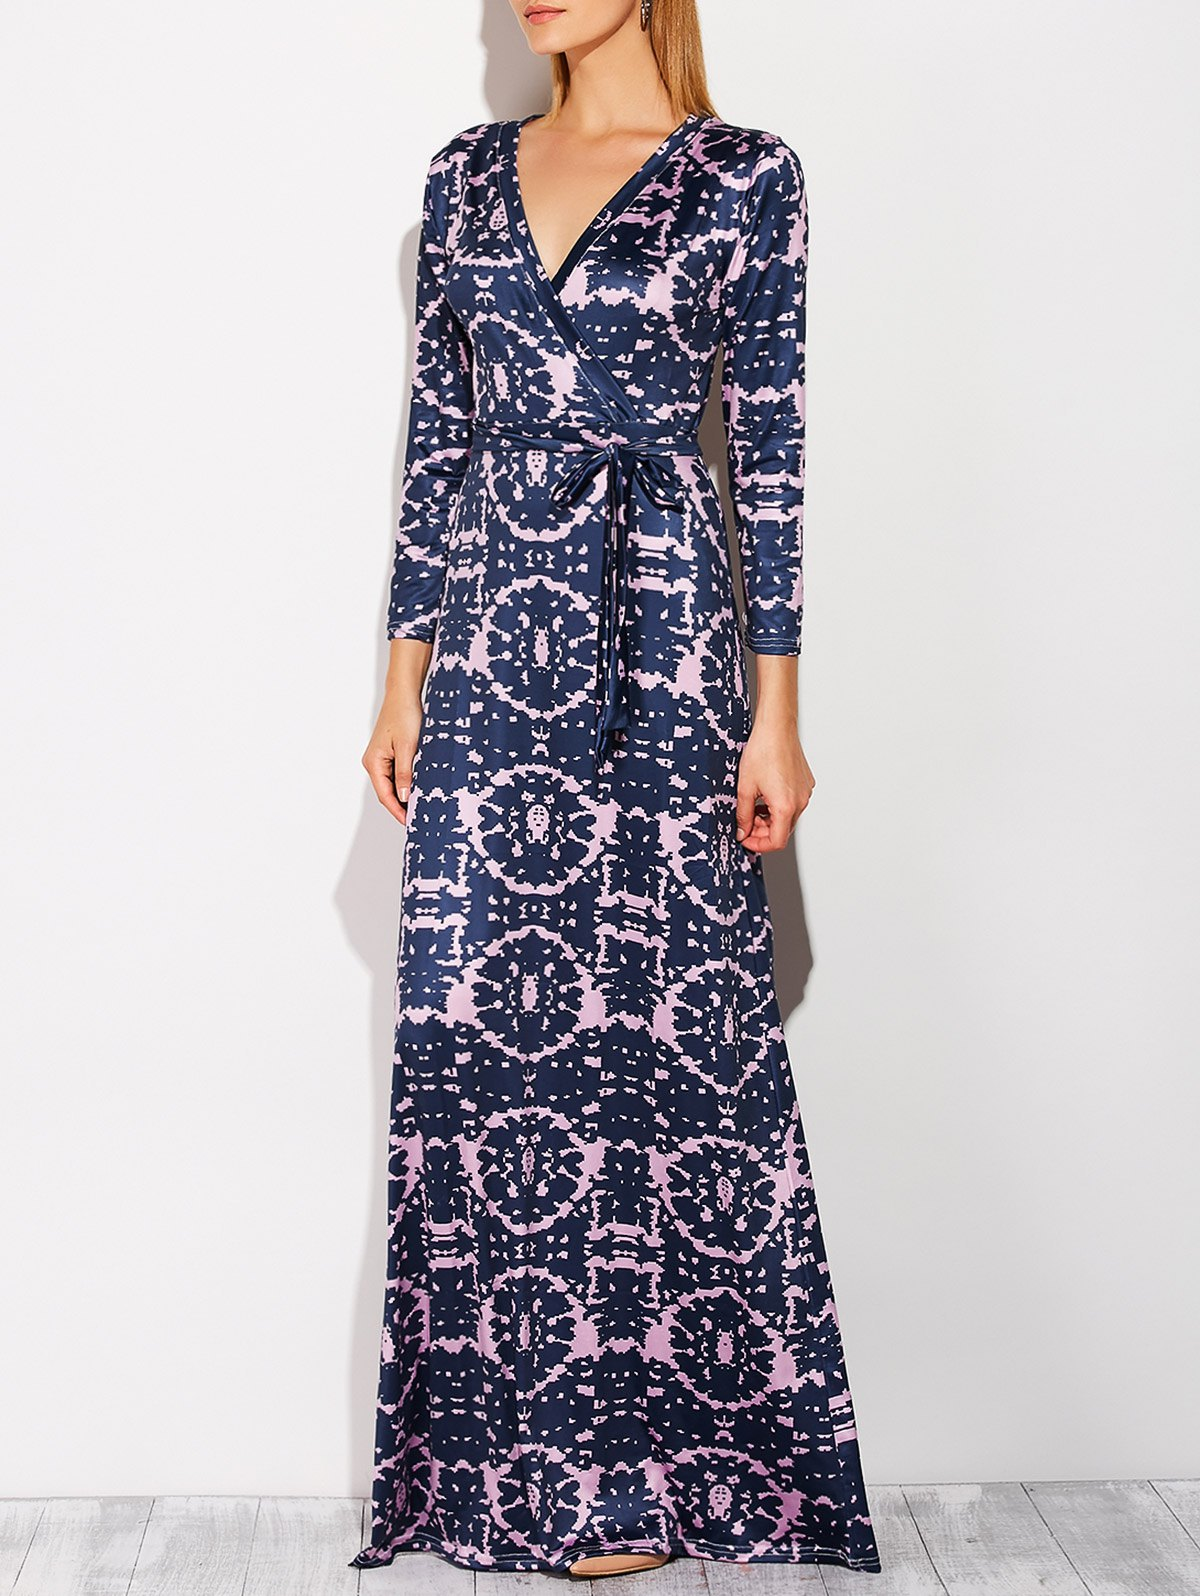 Plunging Neck Tie-Dyed Maxi DressClothes<br><br><br>Size: L<br>Color: PURPLISH BLUE